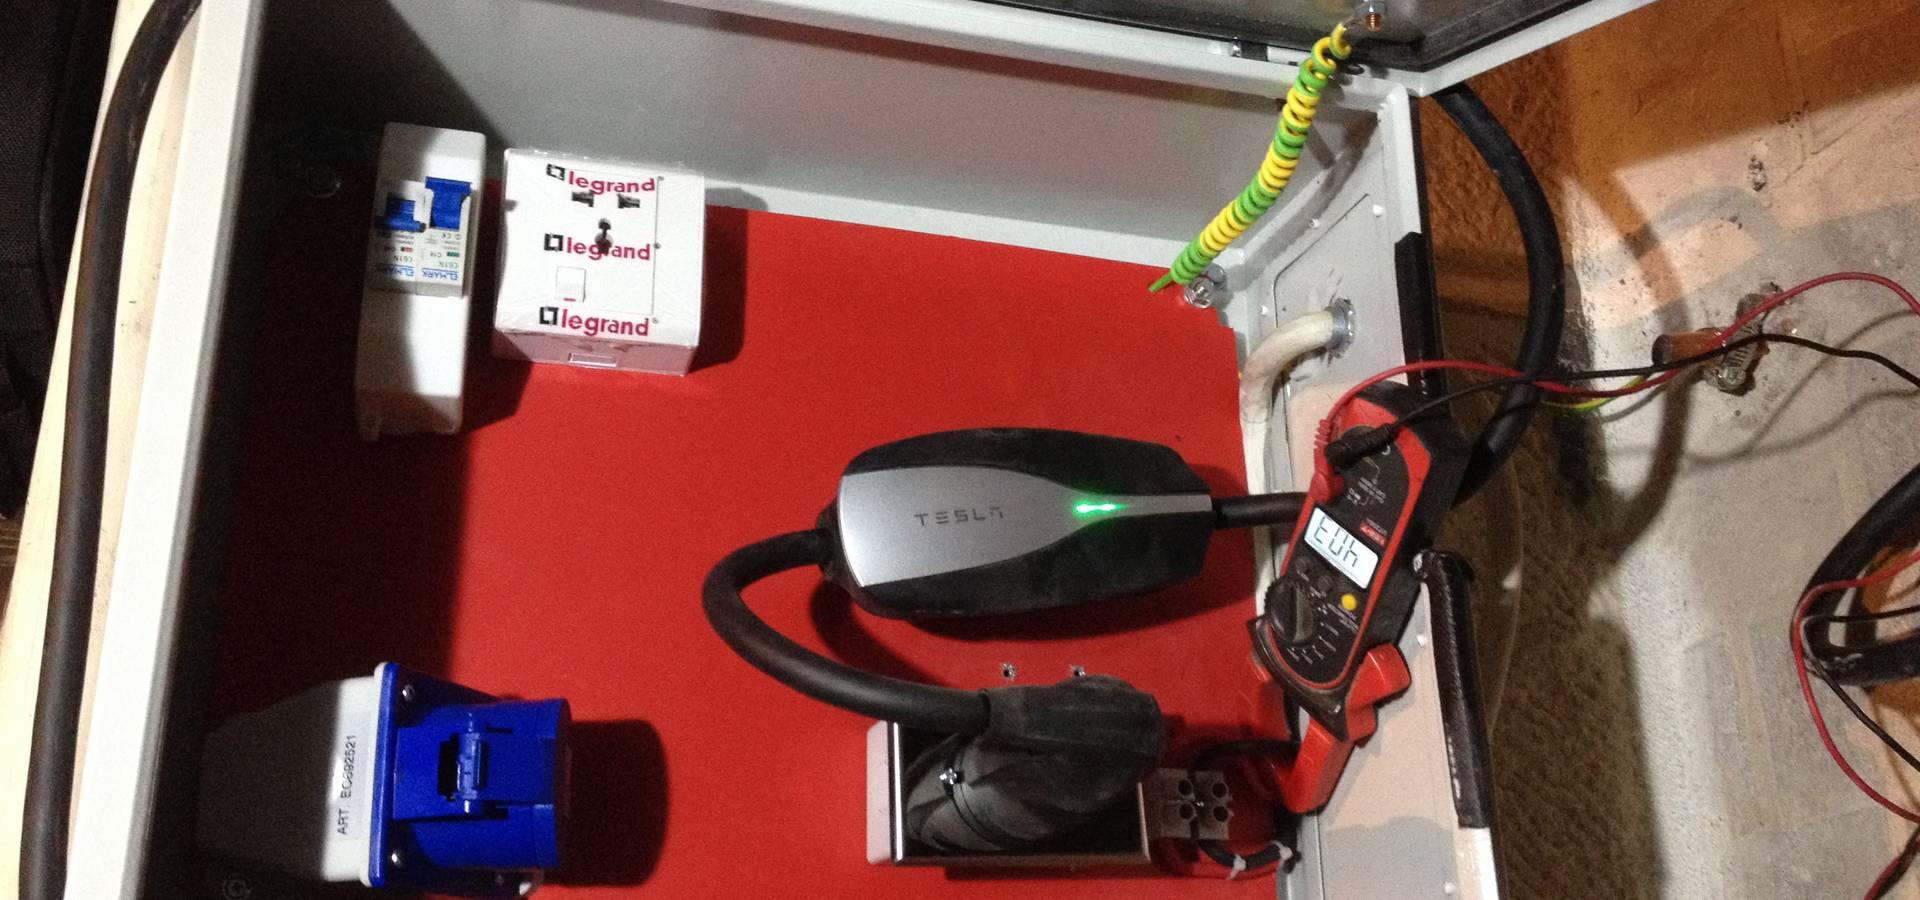 وفا للخدمات الكهربائية المتخصصة